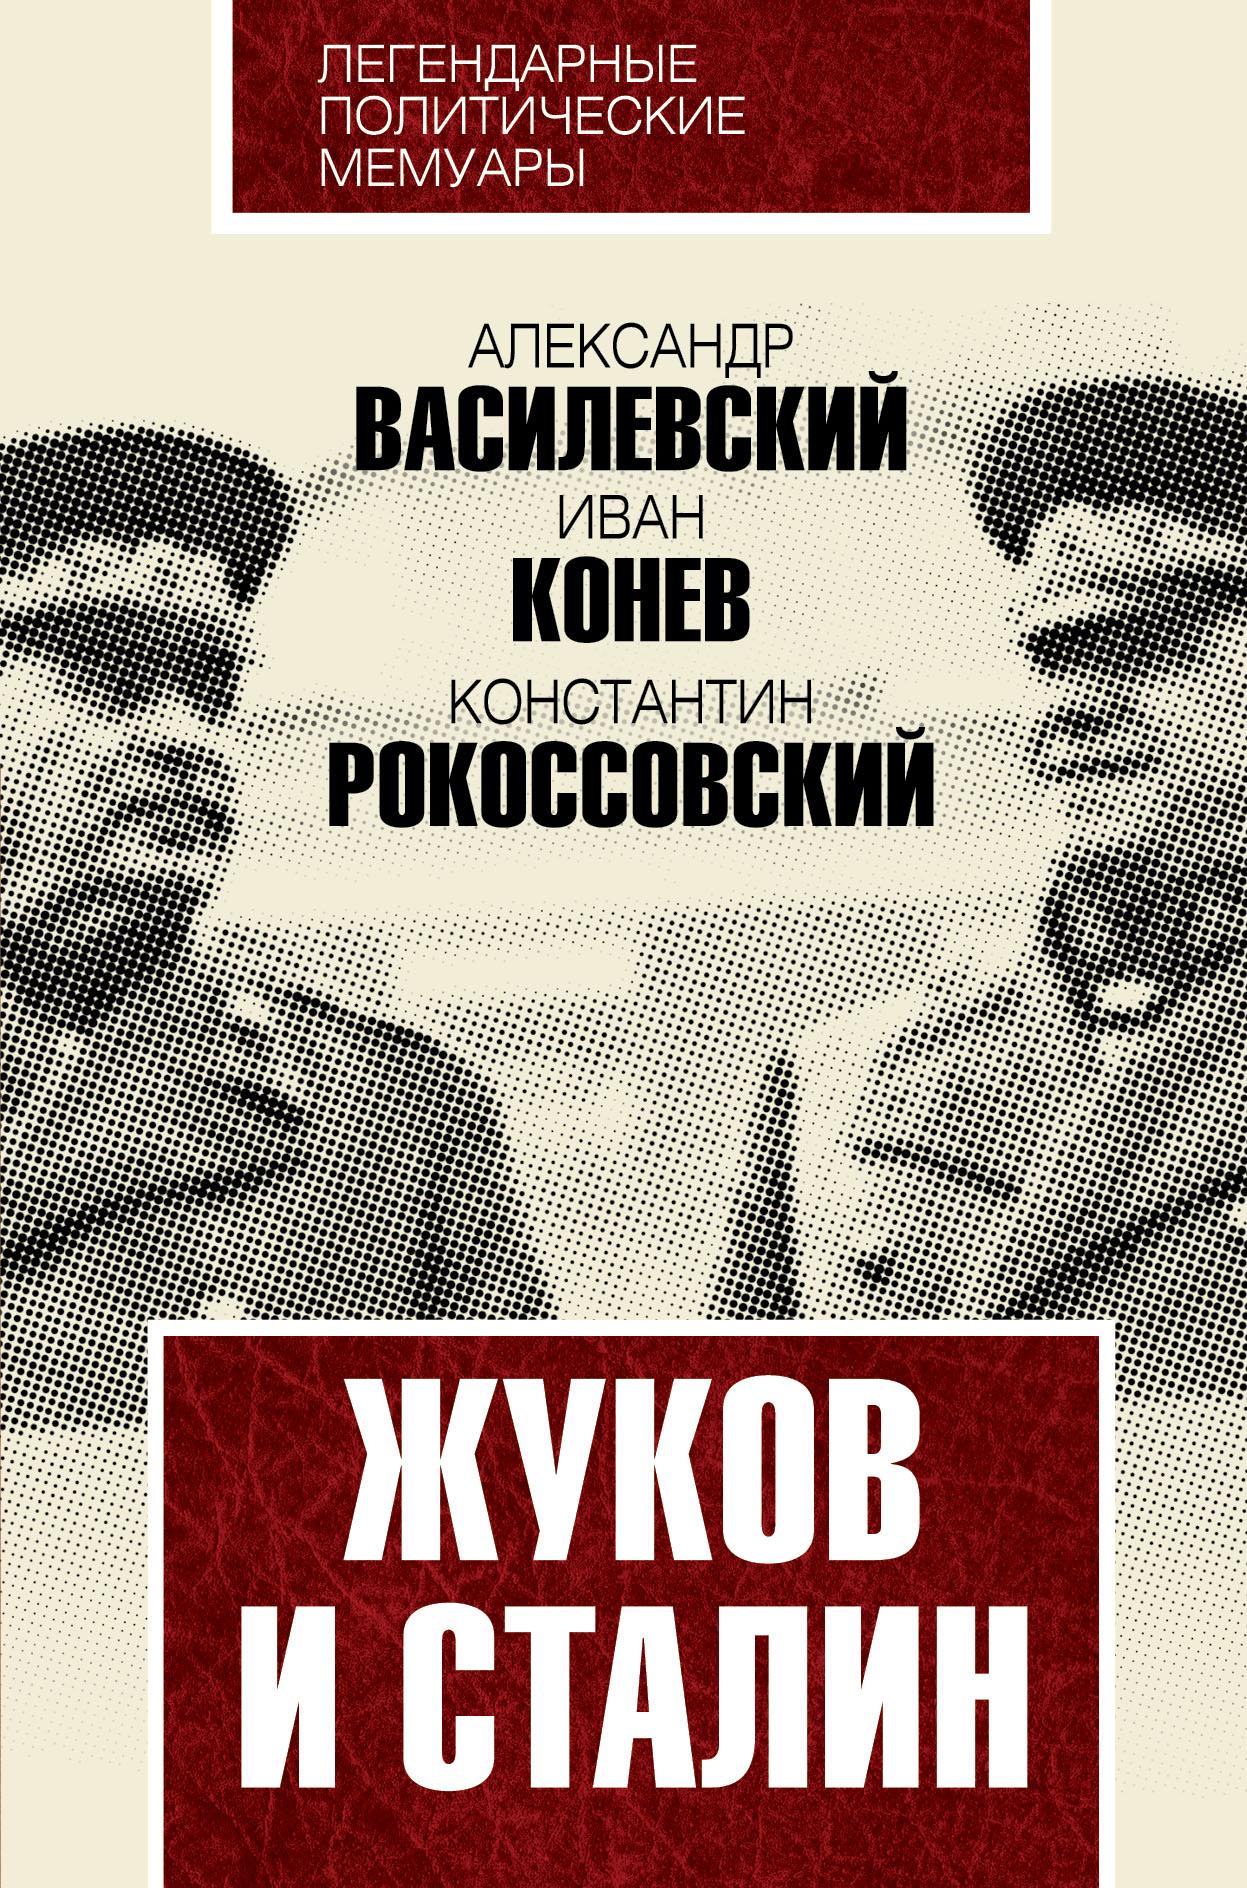 Жуков и Сталин